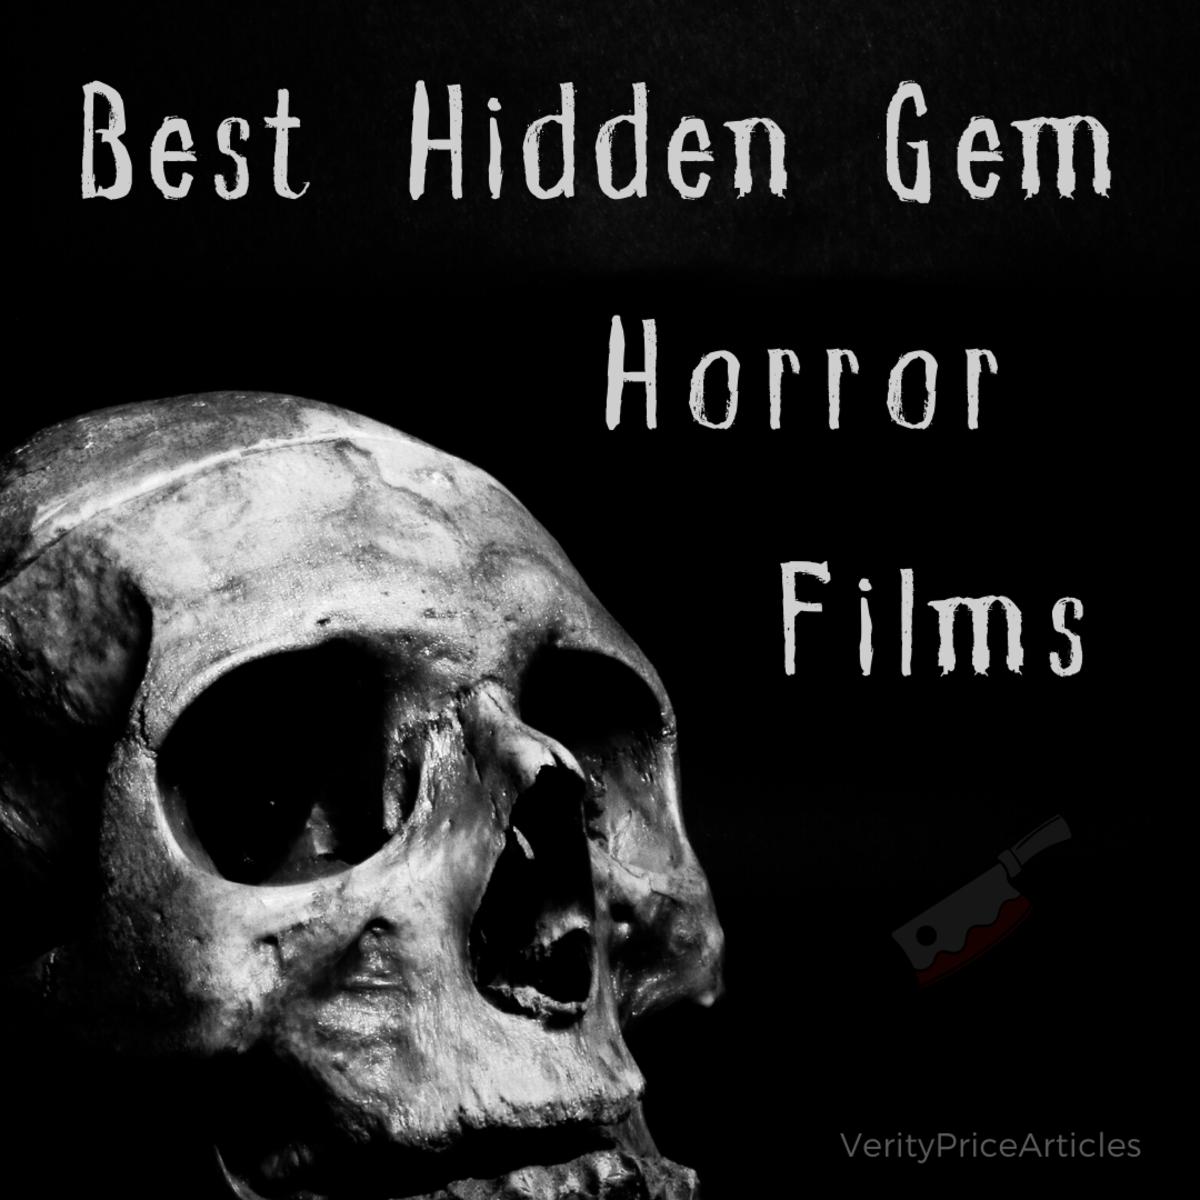 The best hidden gem horror films